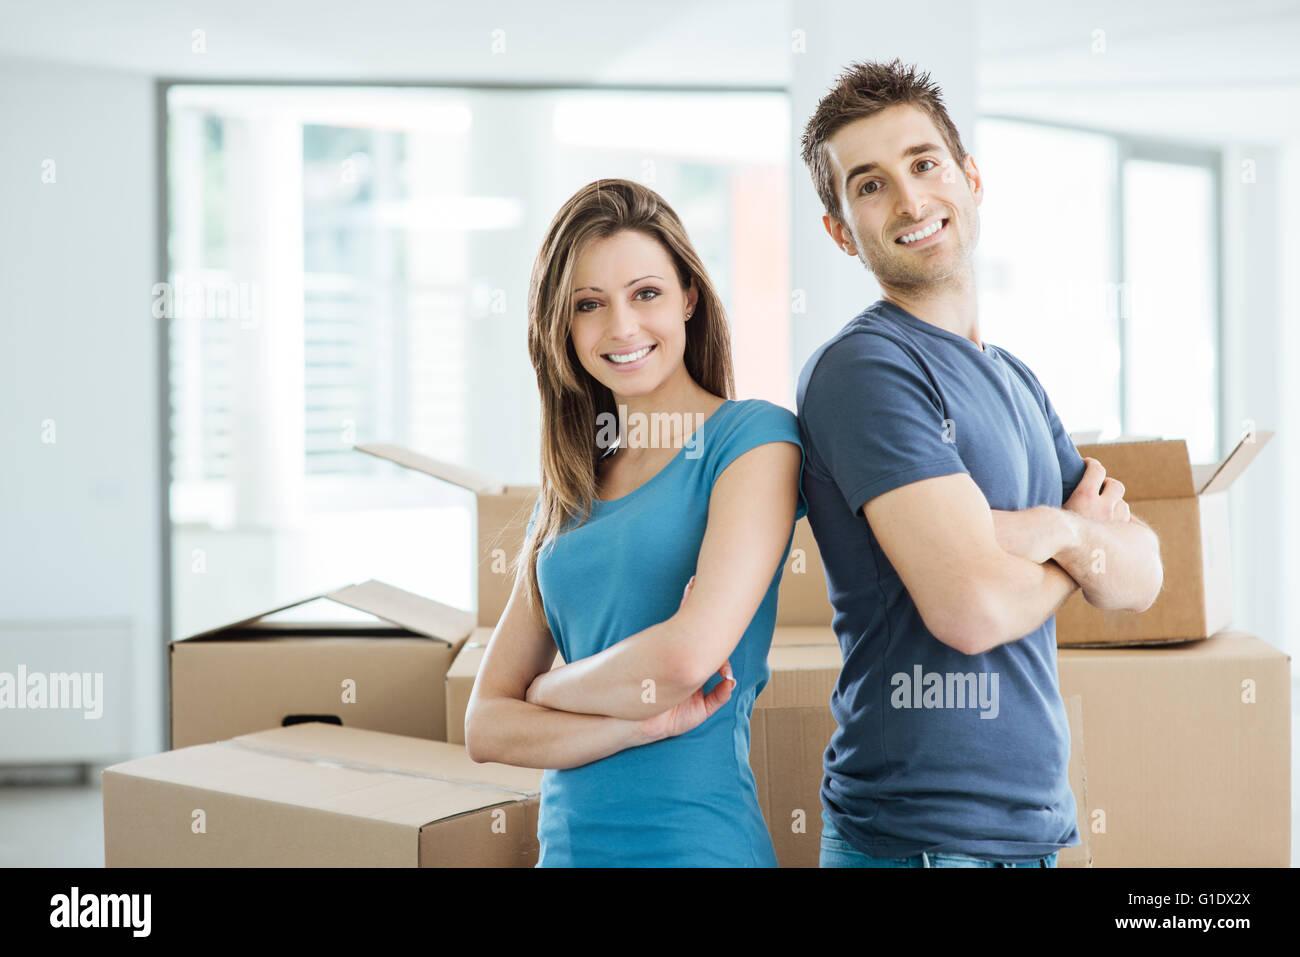 Lächelnd Liebespaar posiert in ihrem neuen Haus, Rücken an Rücken umgeben von Kartons Stockbild